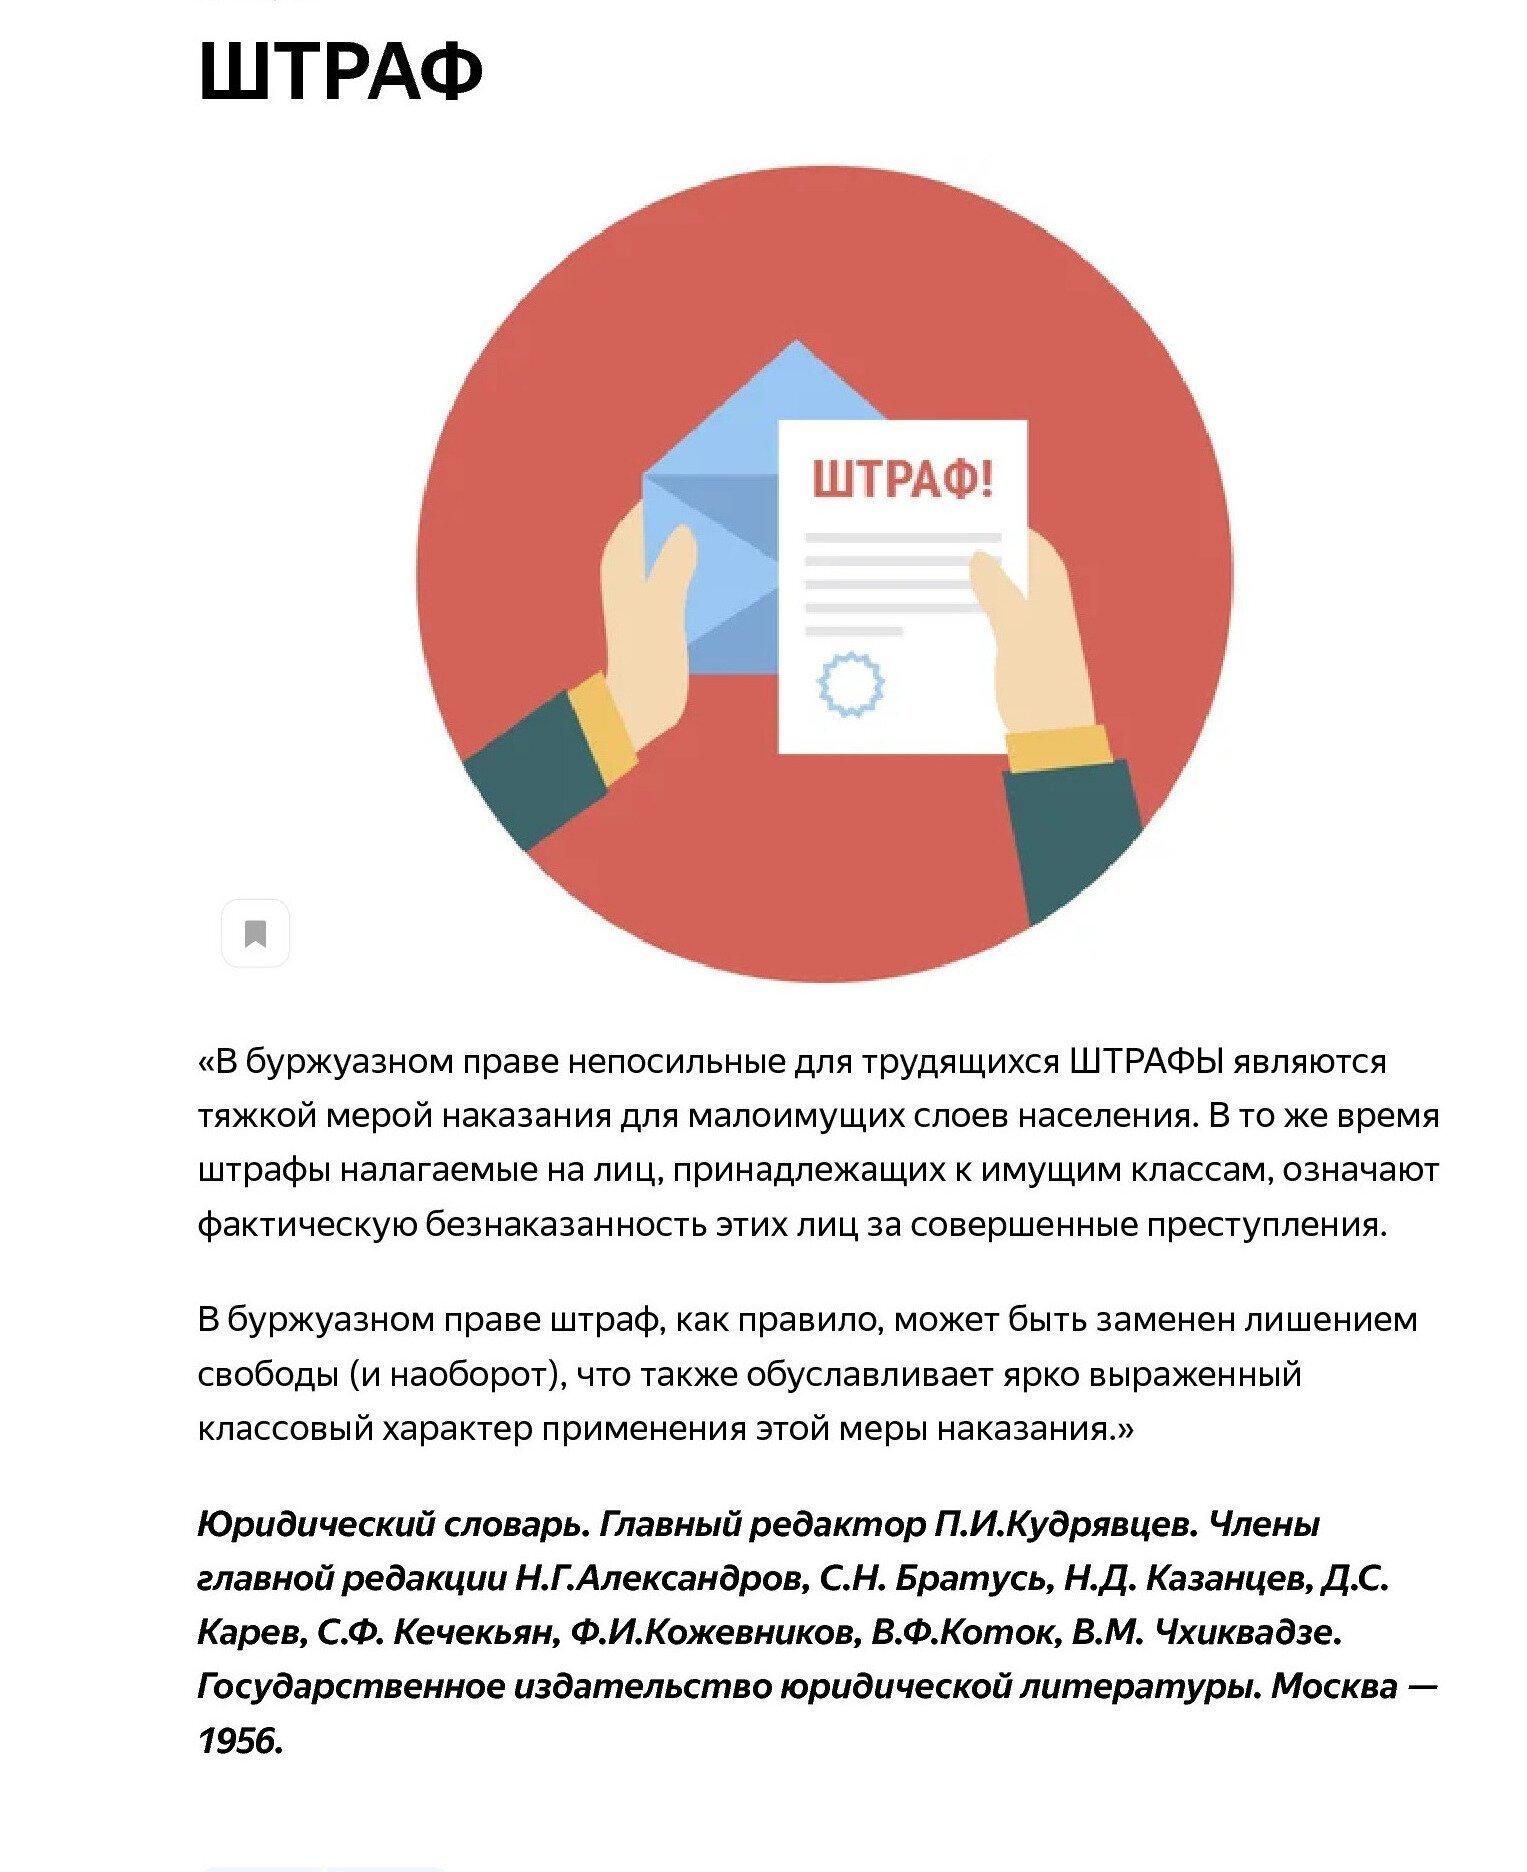 Цитаты советских словарей. Экономические термины